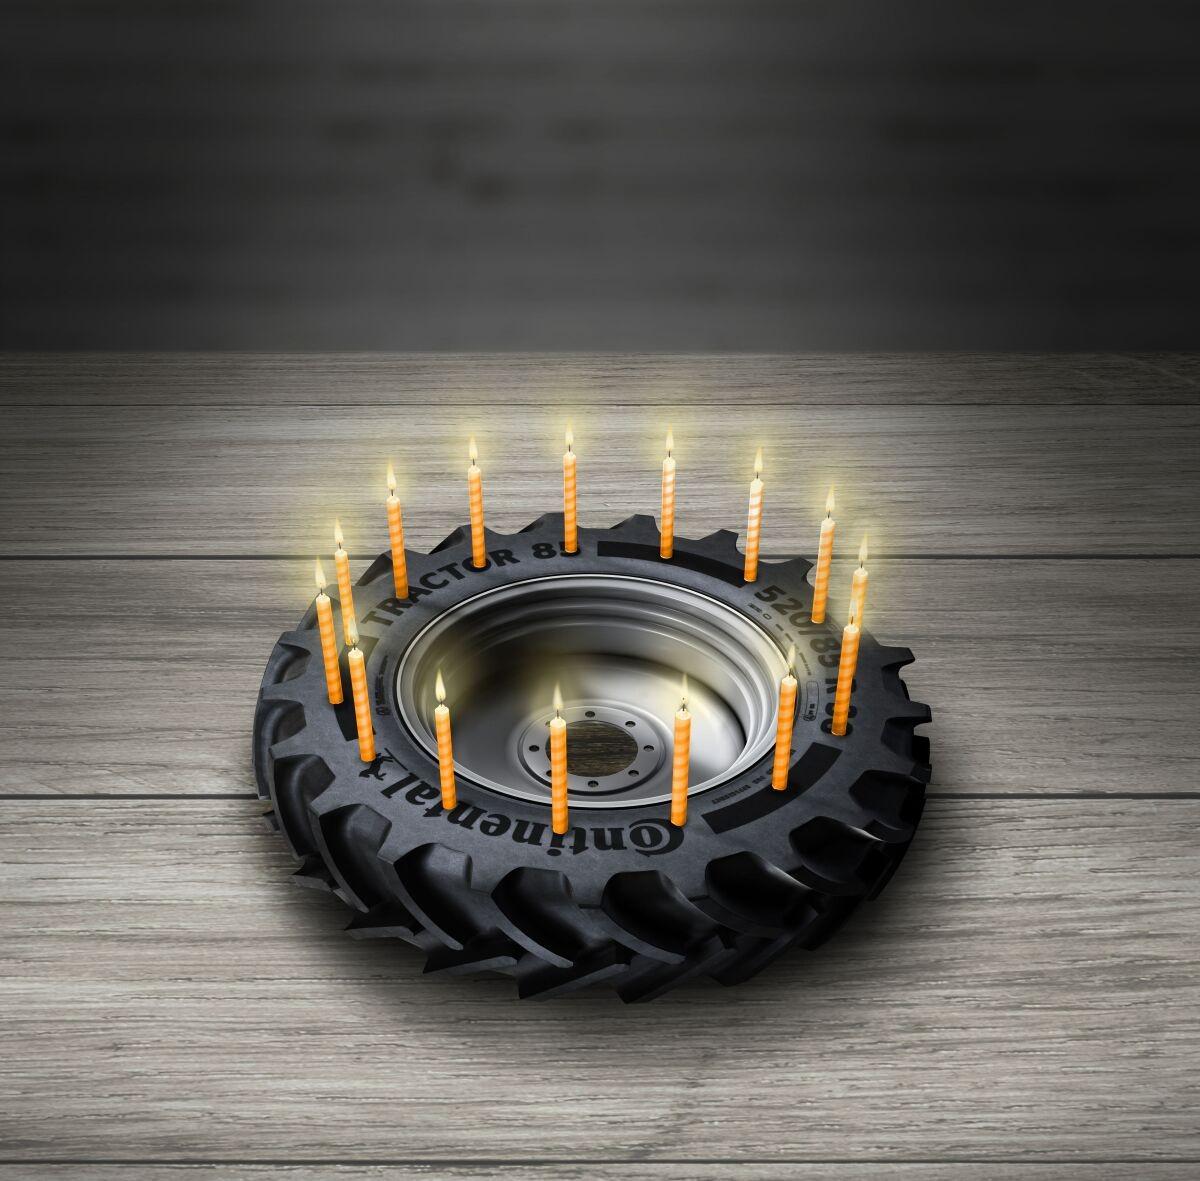 Slavíme výročí: 90 let od první zemědělské pneumatiky Continental / Foto zdroj: Continental Barum s.r.o.